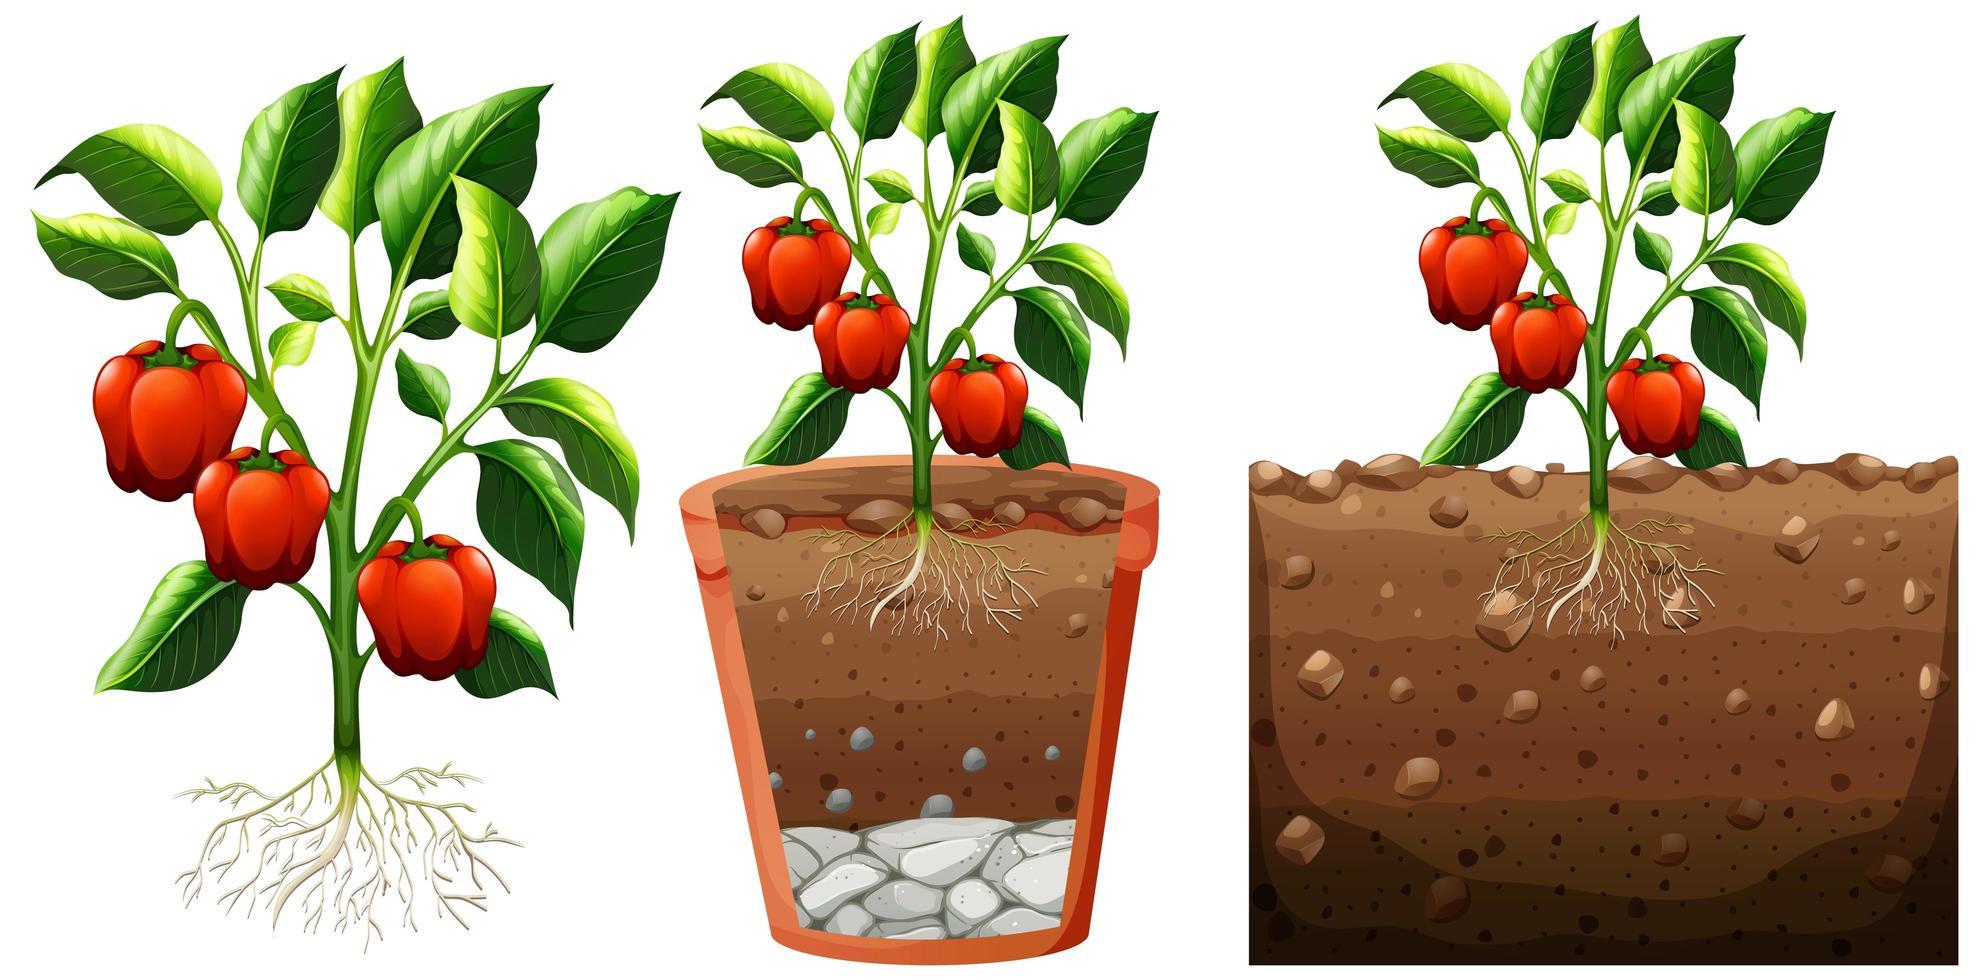 uppsättning paprika växt med rötter isolerad på vit bakgrund vektor